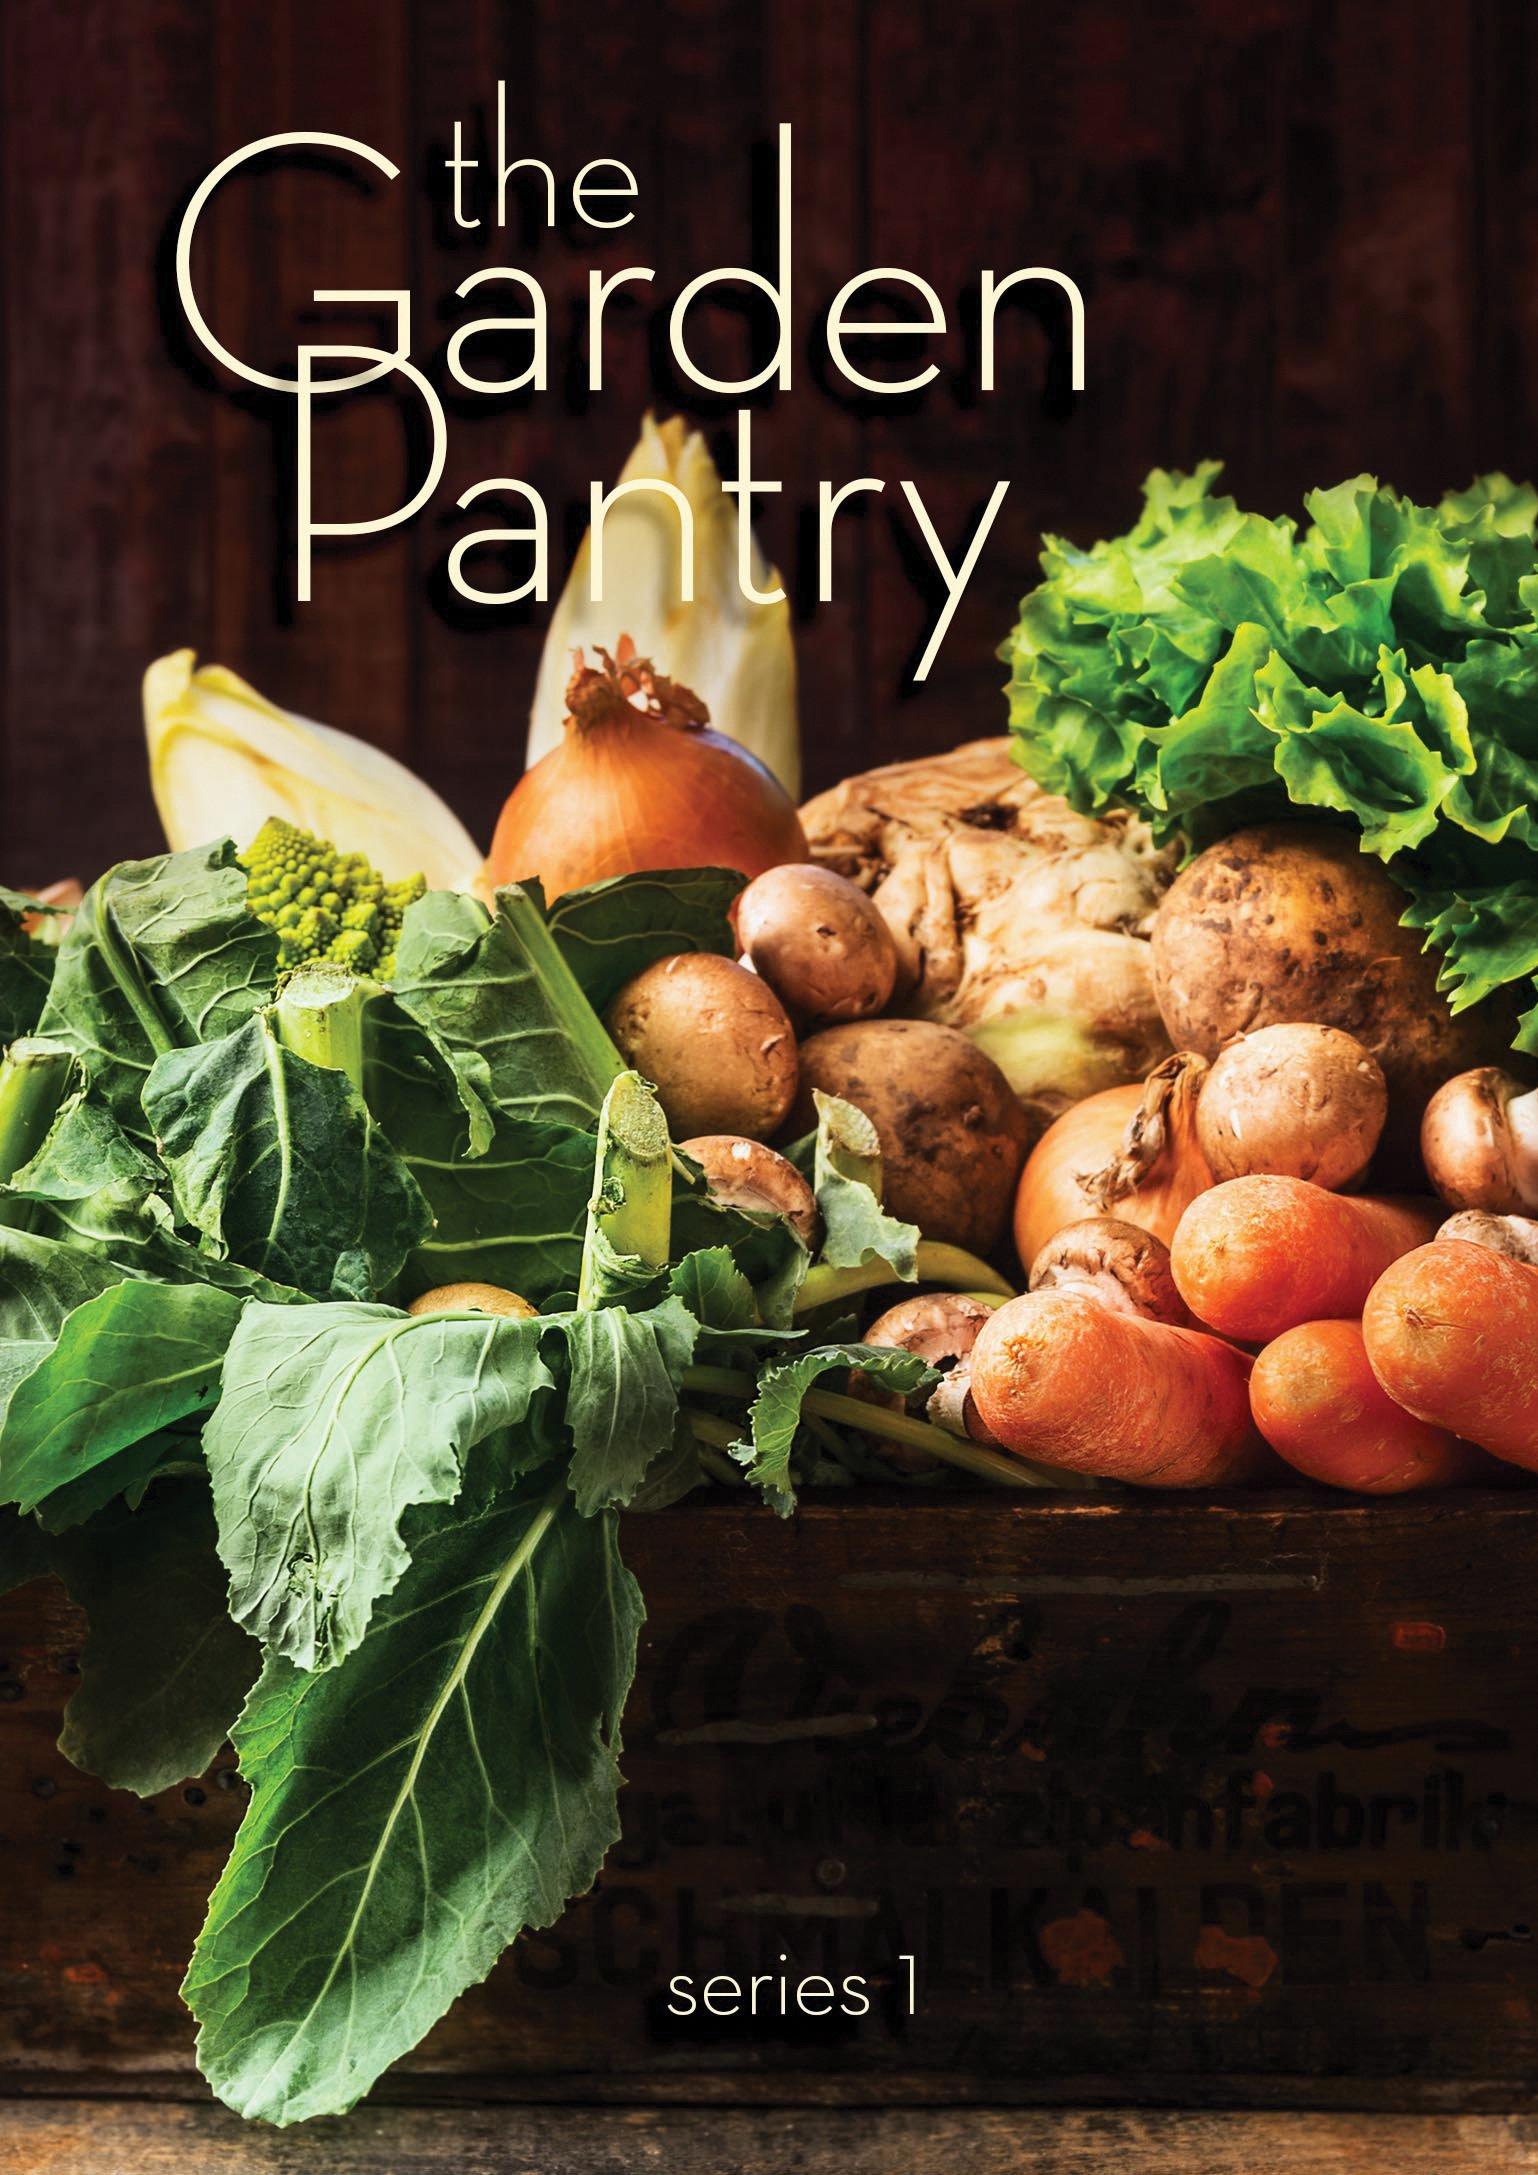 The Garden Pantry (Series 1)